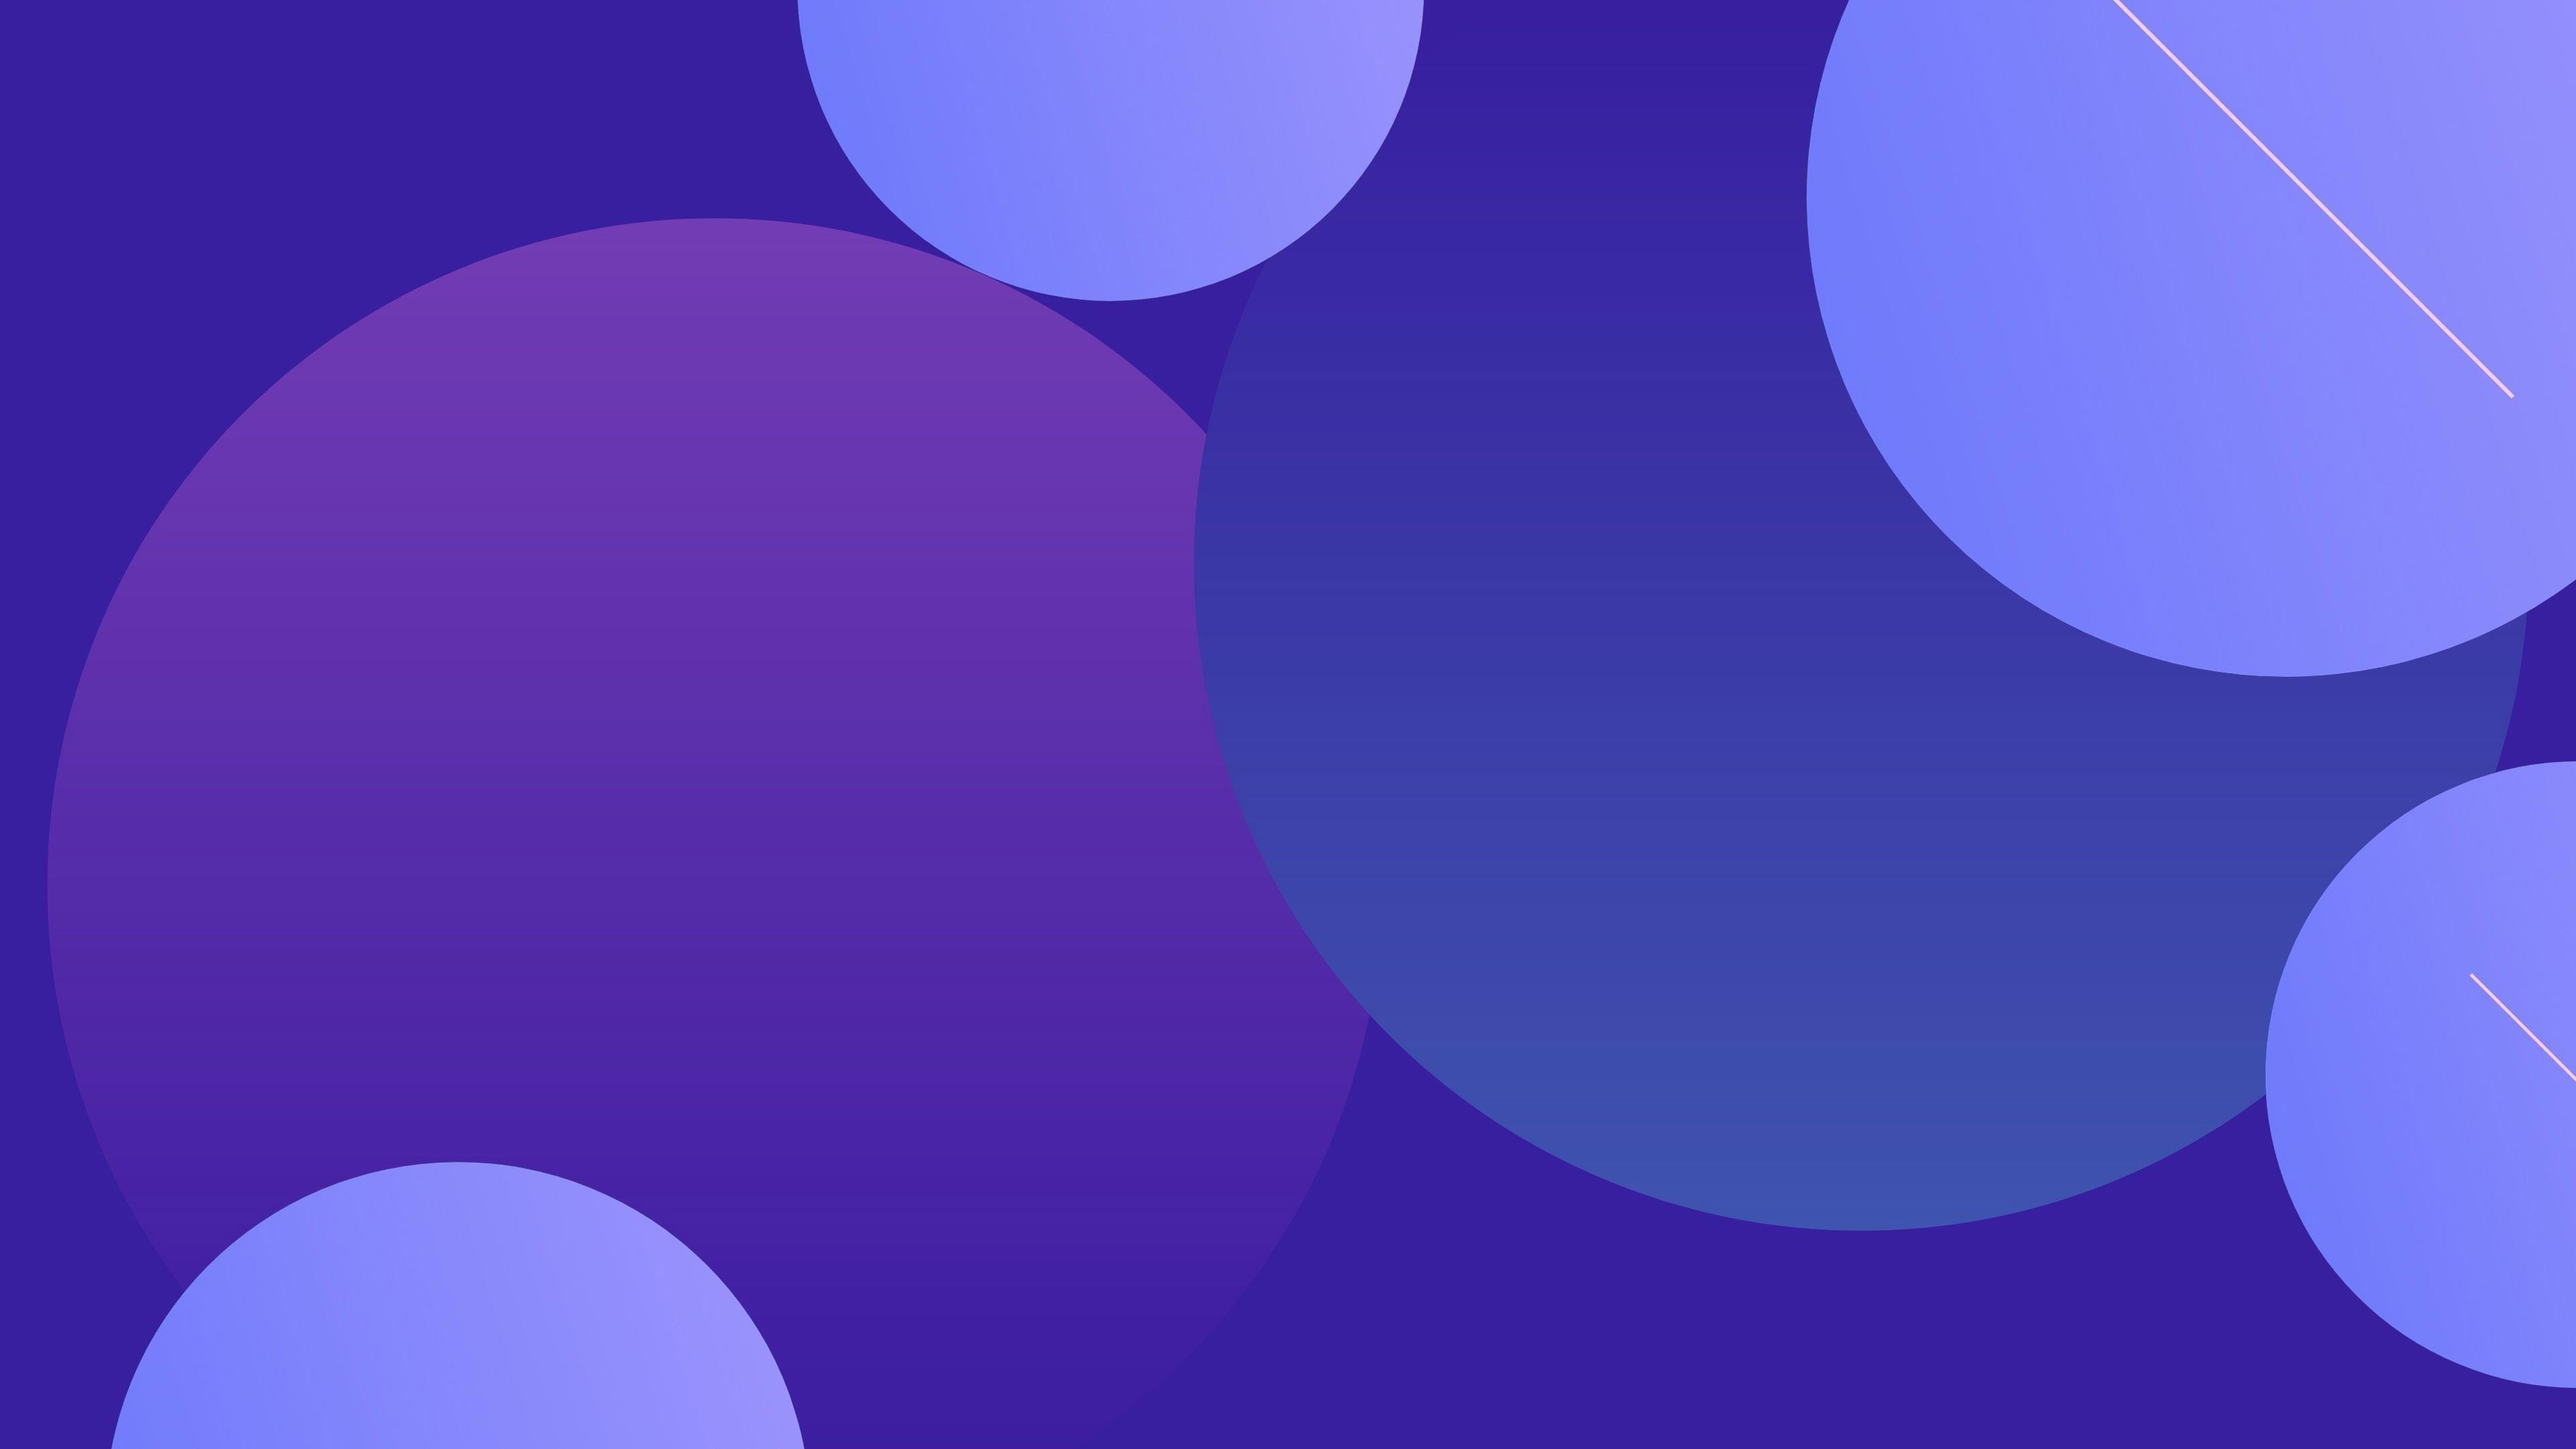 Абстрактный круг 1 абстракция обои скачать